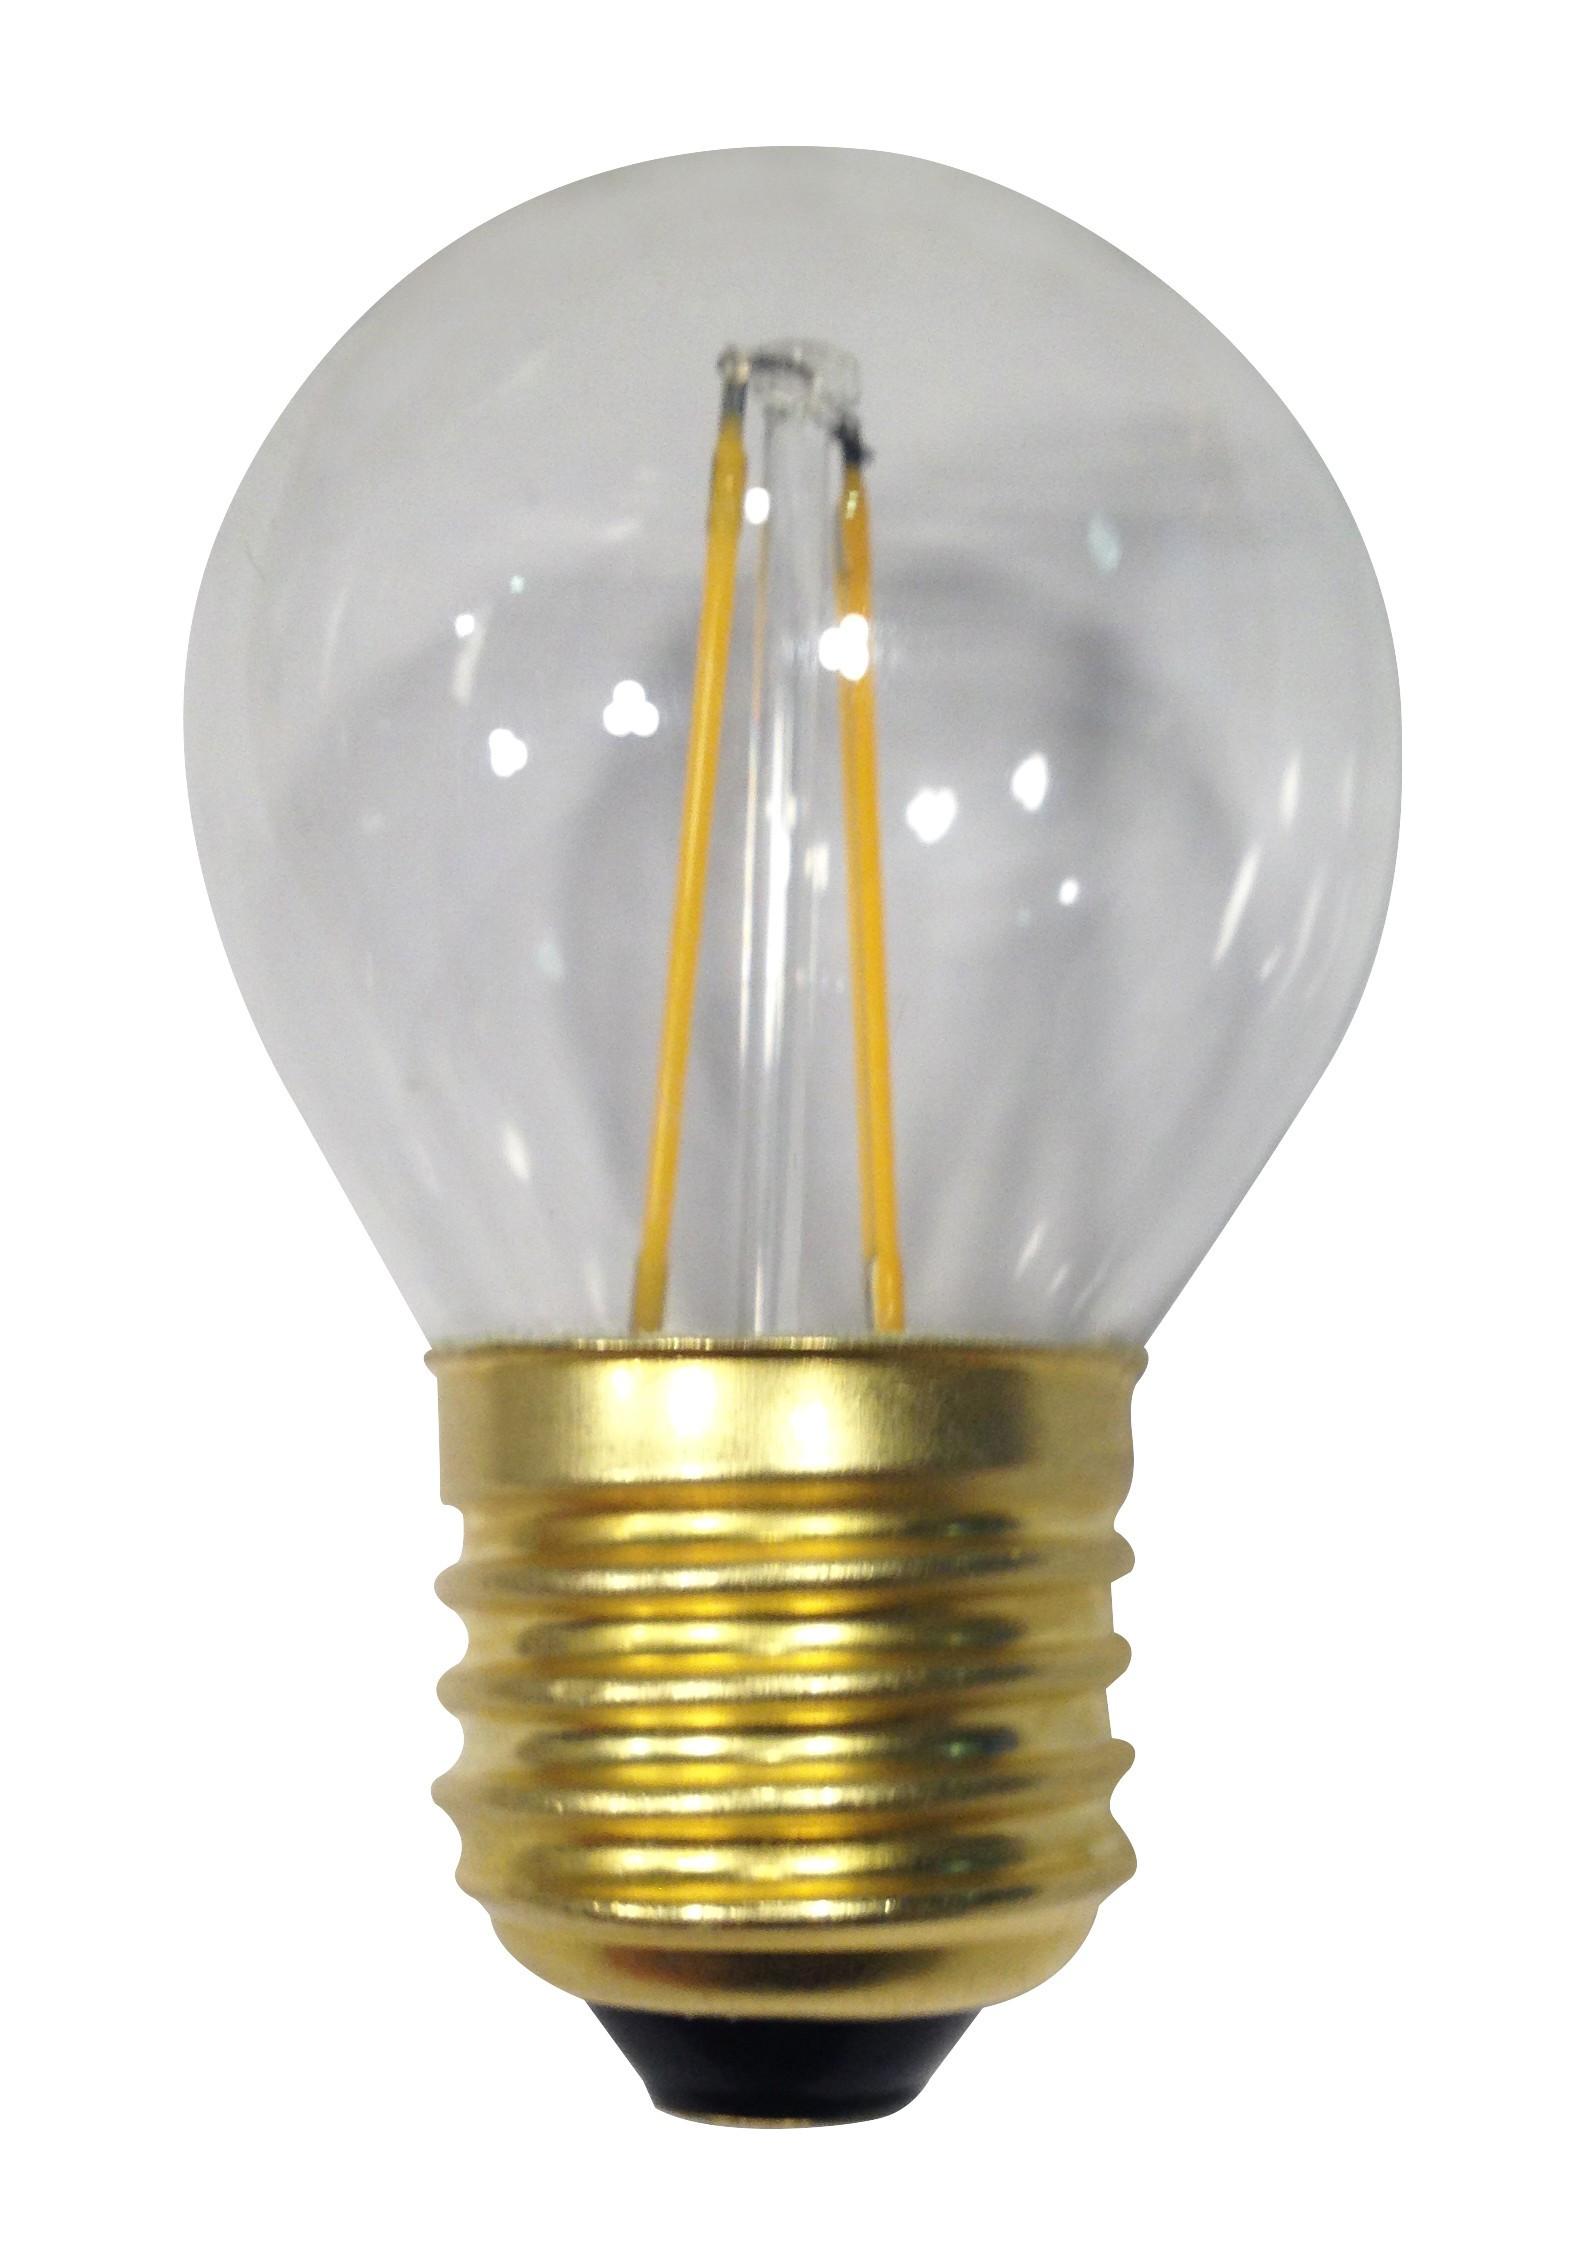 ampoule filament led 3 watt forme sph rique e27 transparente. Black Bedroom Furniture Sets. Home Design Ideas